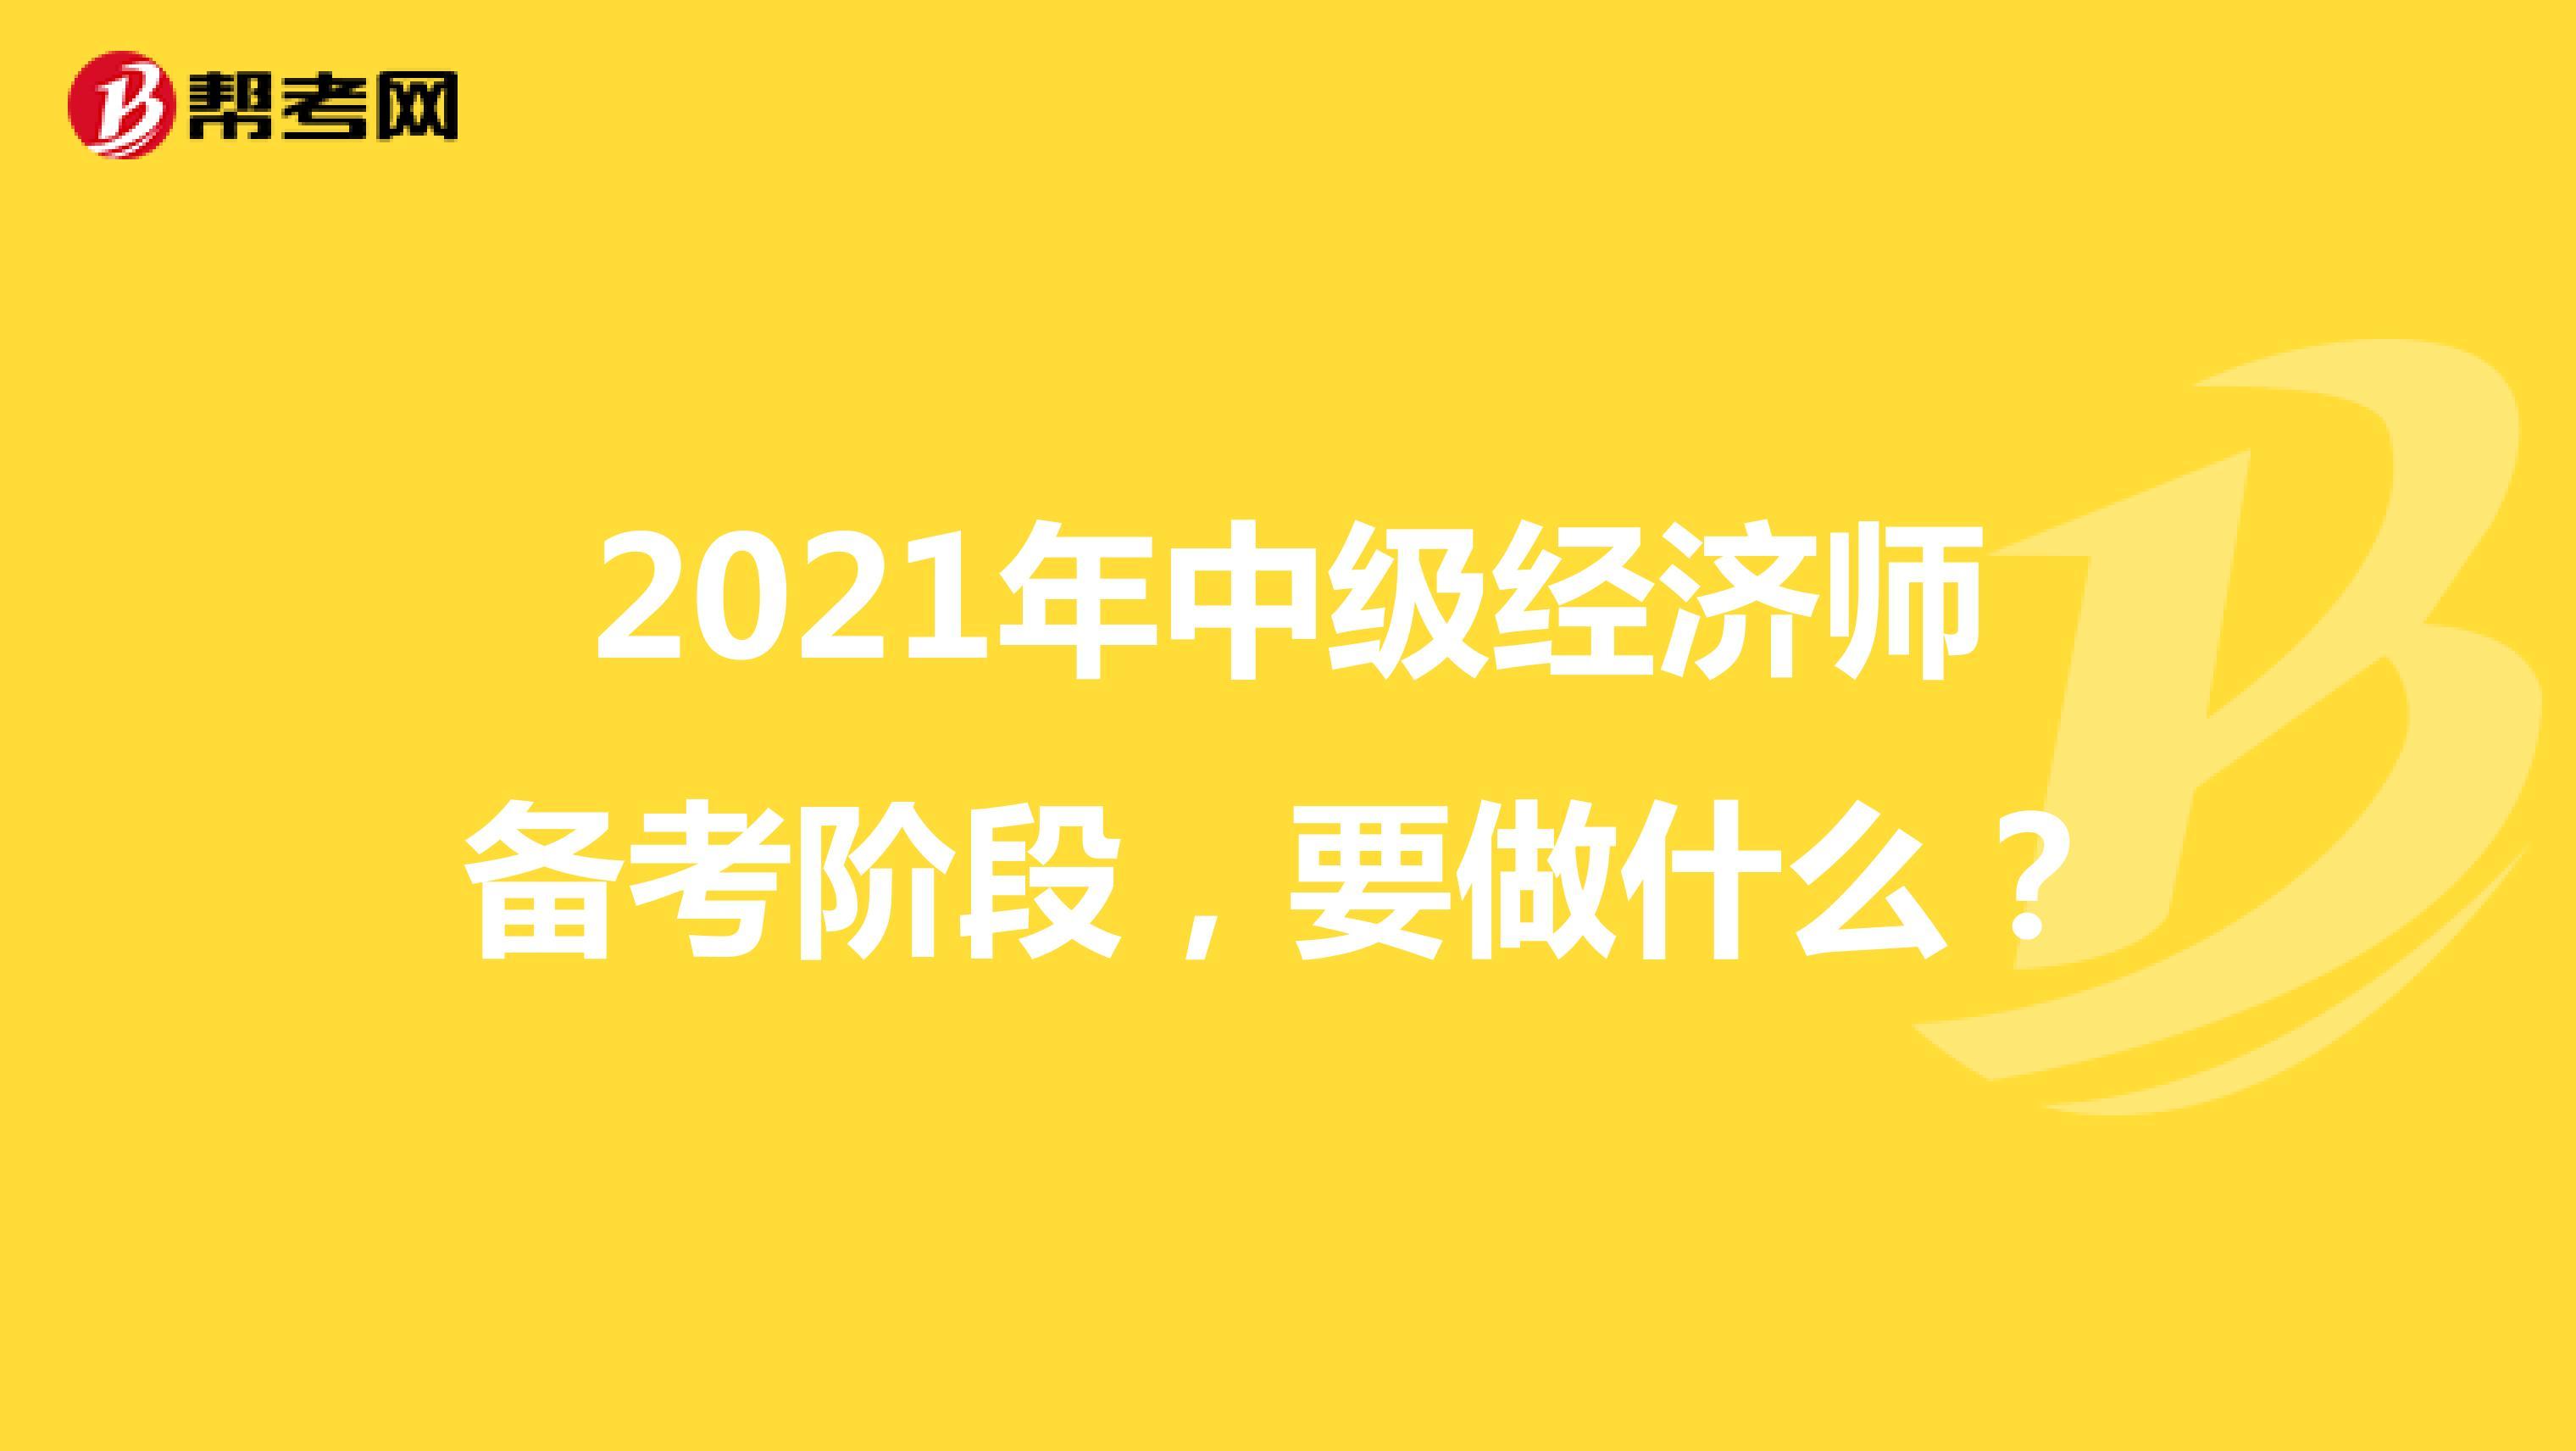 2021年中级经济师备考阶段,要做什么?